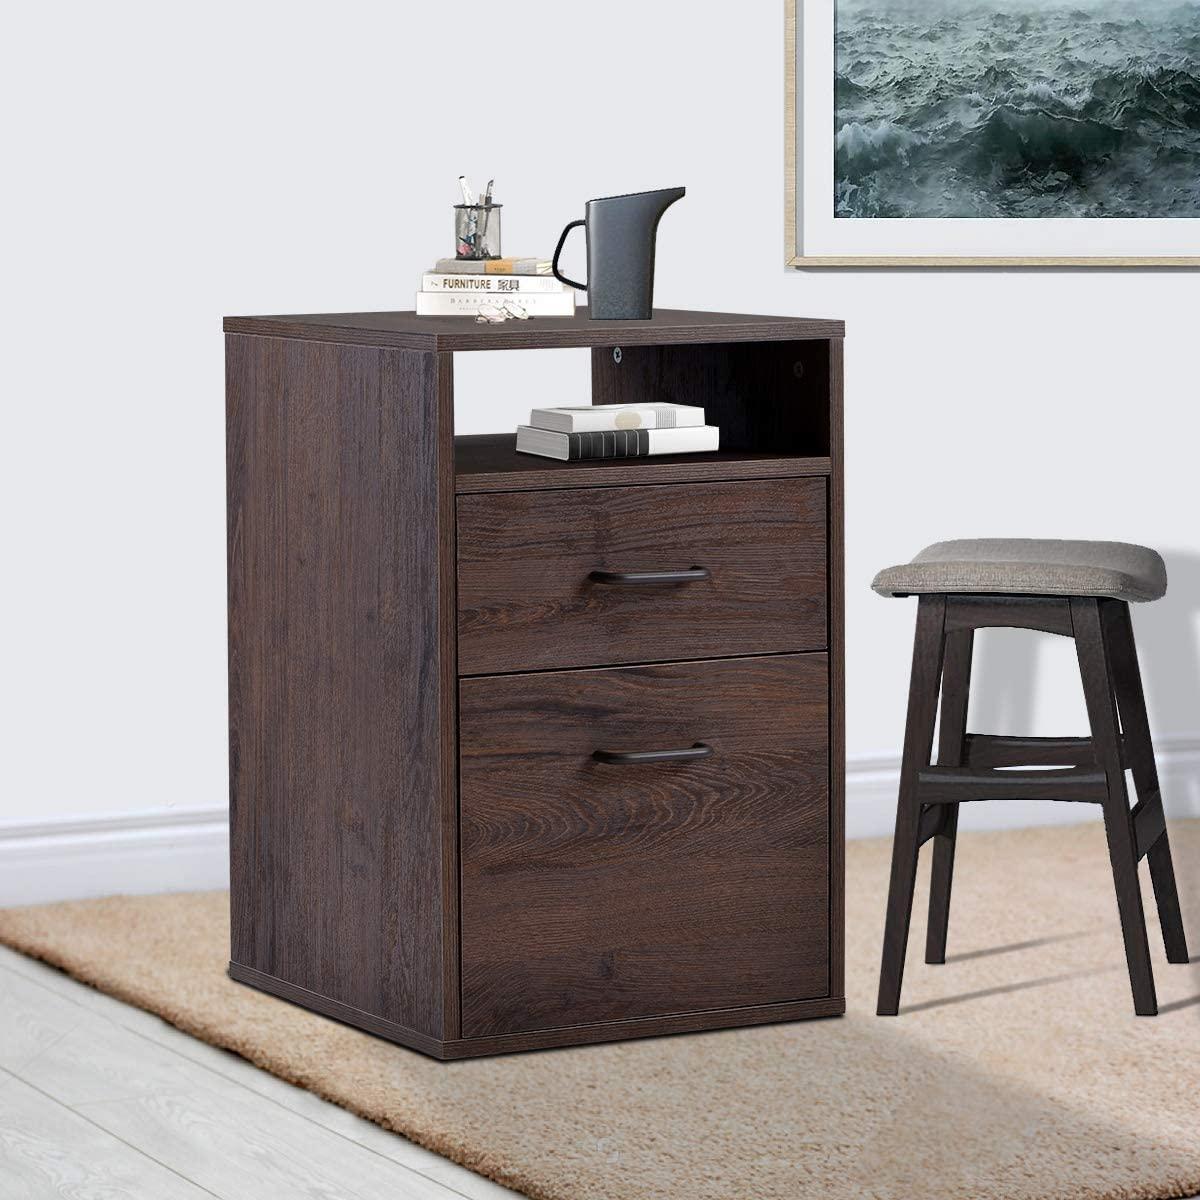 MDF verticale Cabinet, ergonomico Home Office File cabina sotto la scrivania con 2 cassetti, facile maniglione Design, Noce